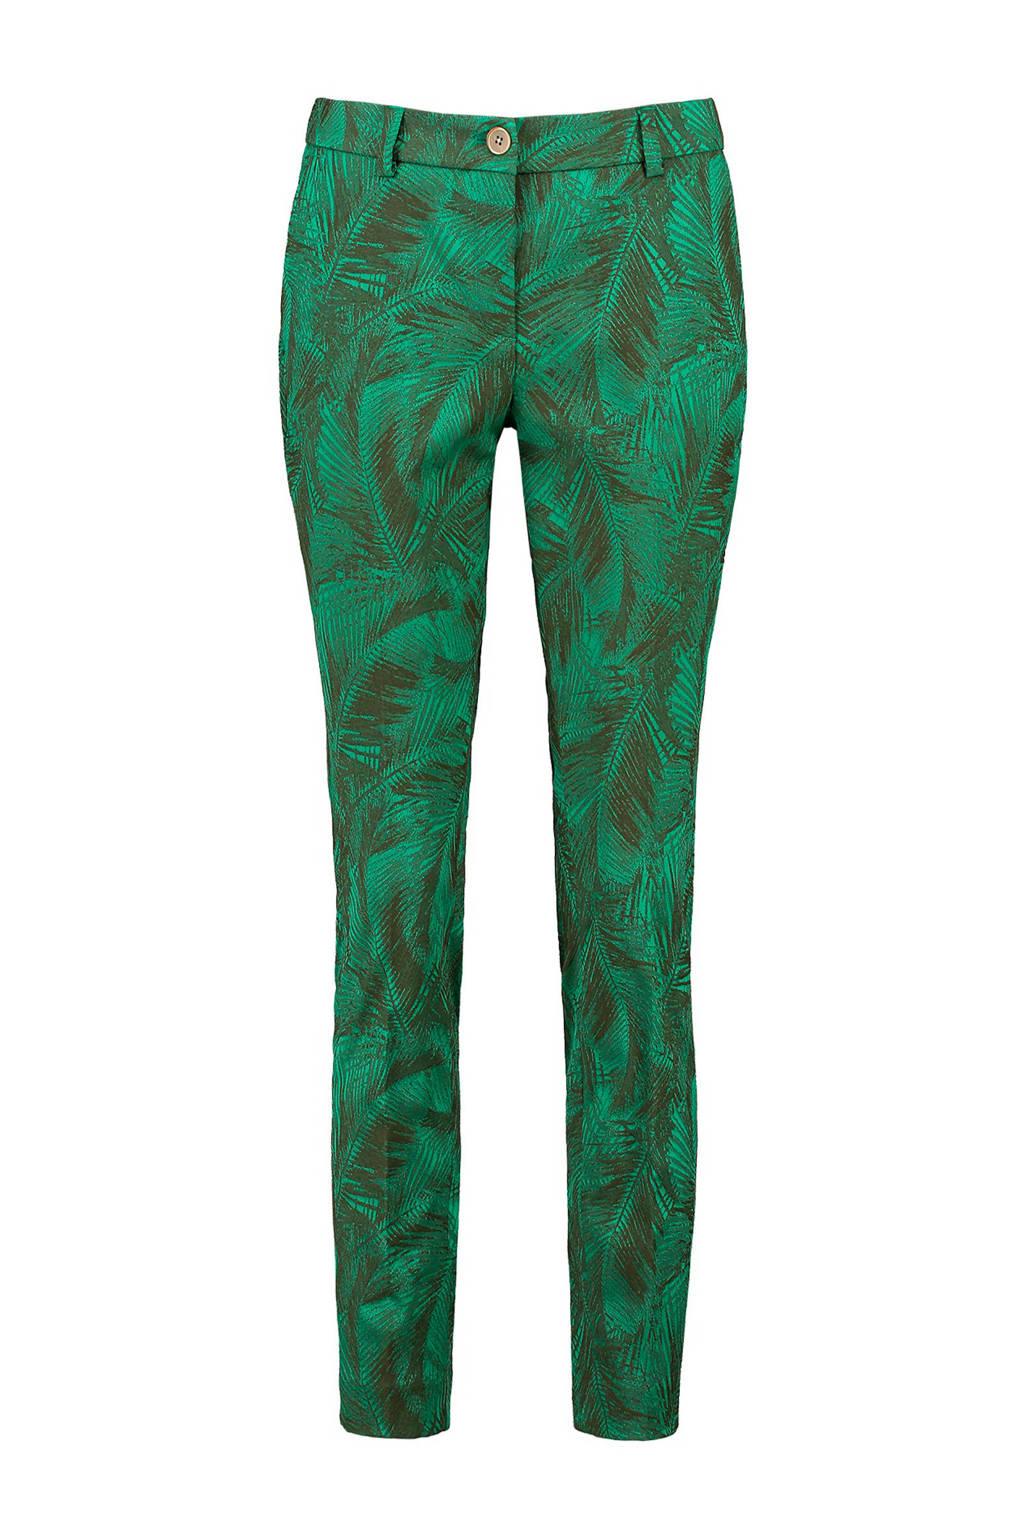 Expresso jaquard broek Bloem met bladdessin groen, Donkergroen